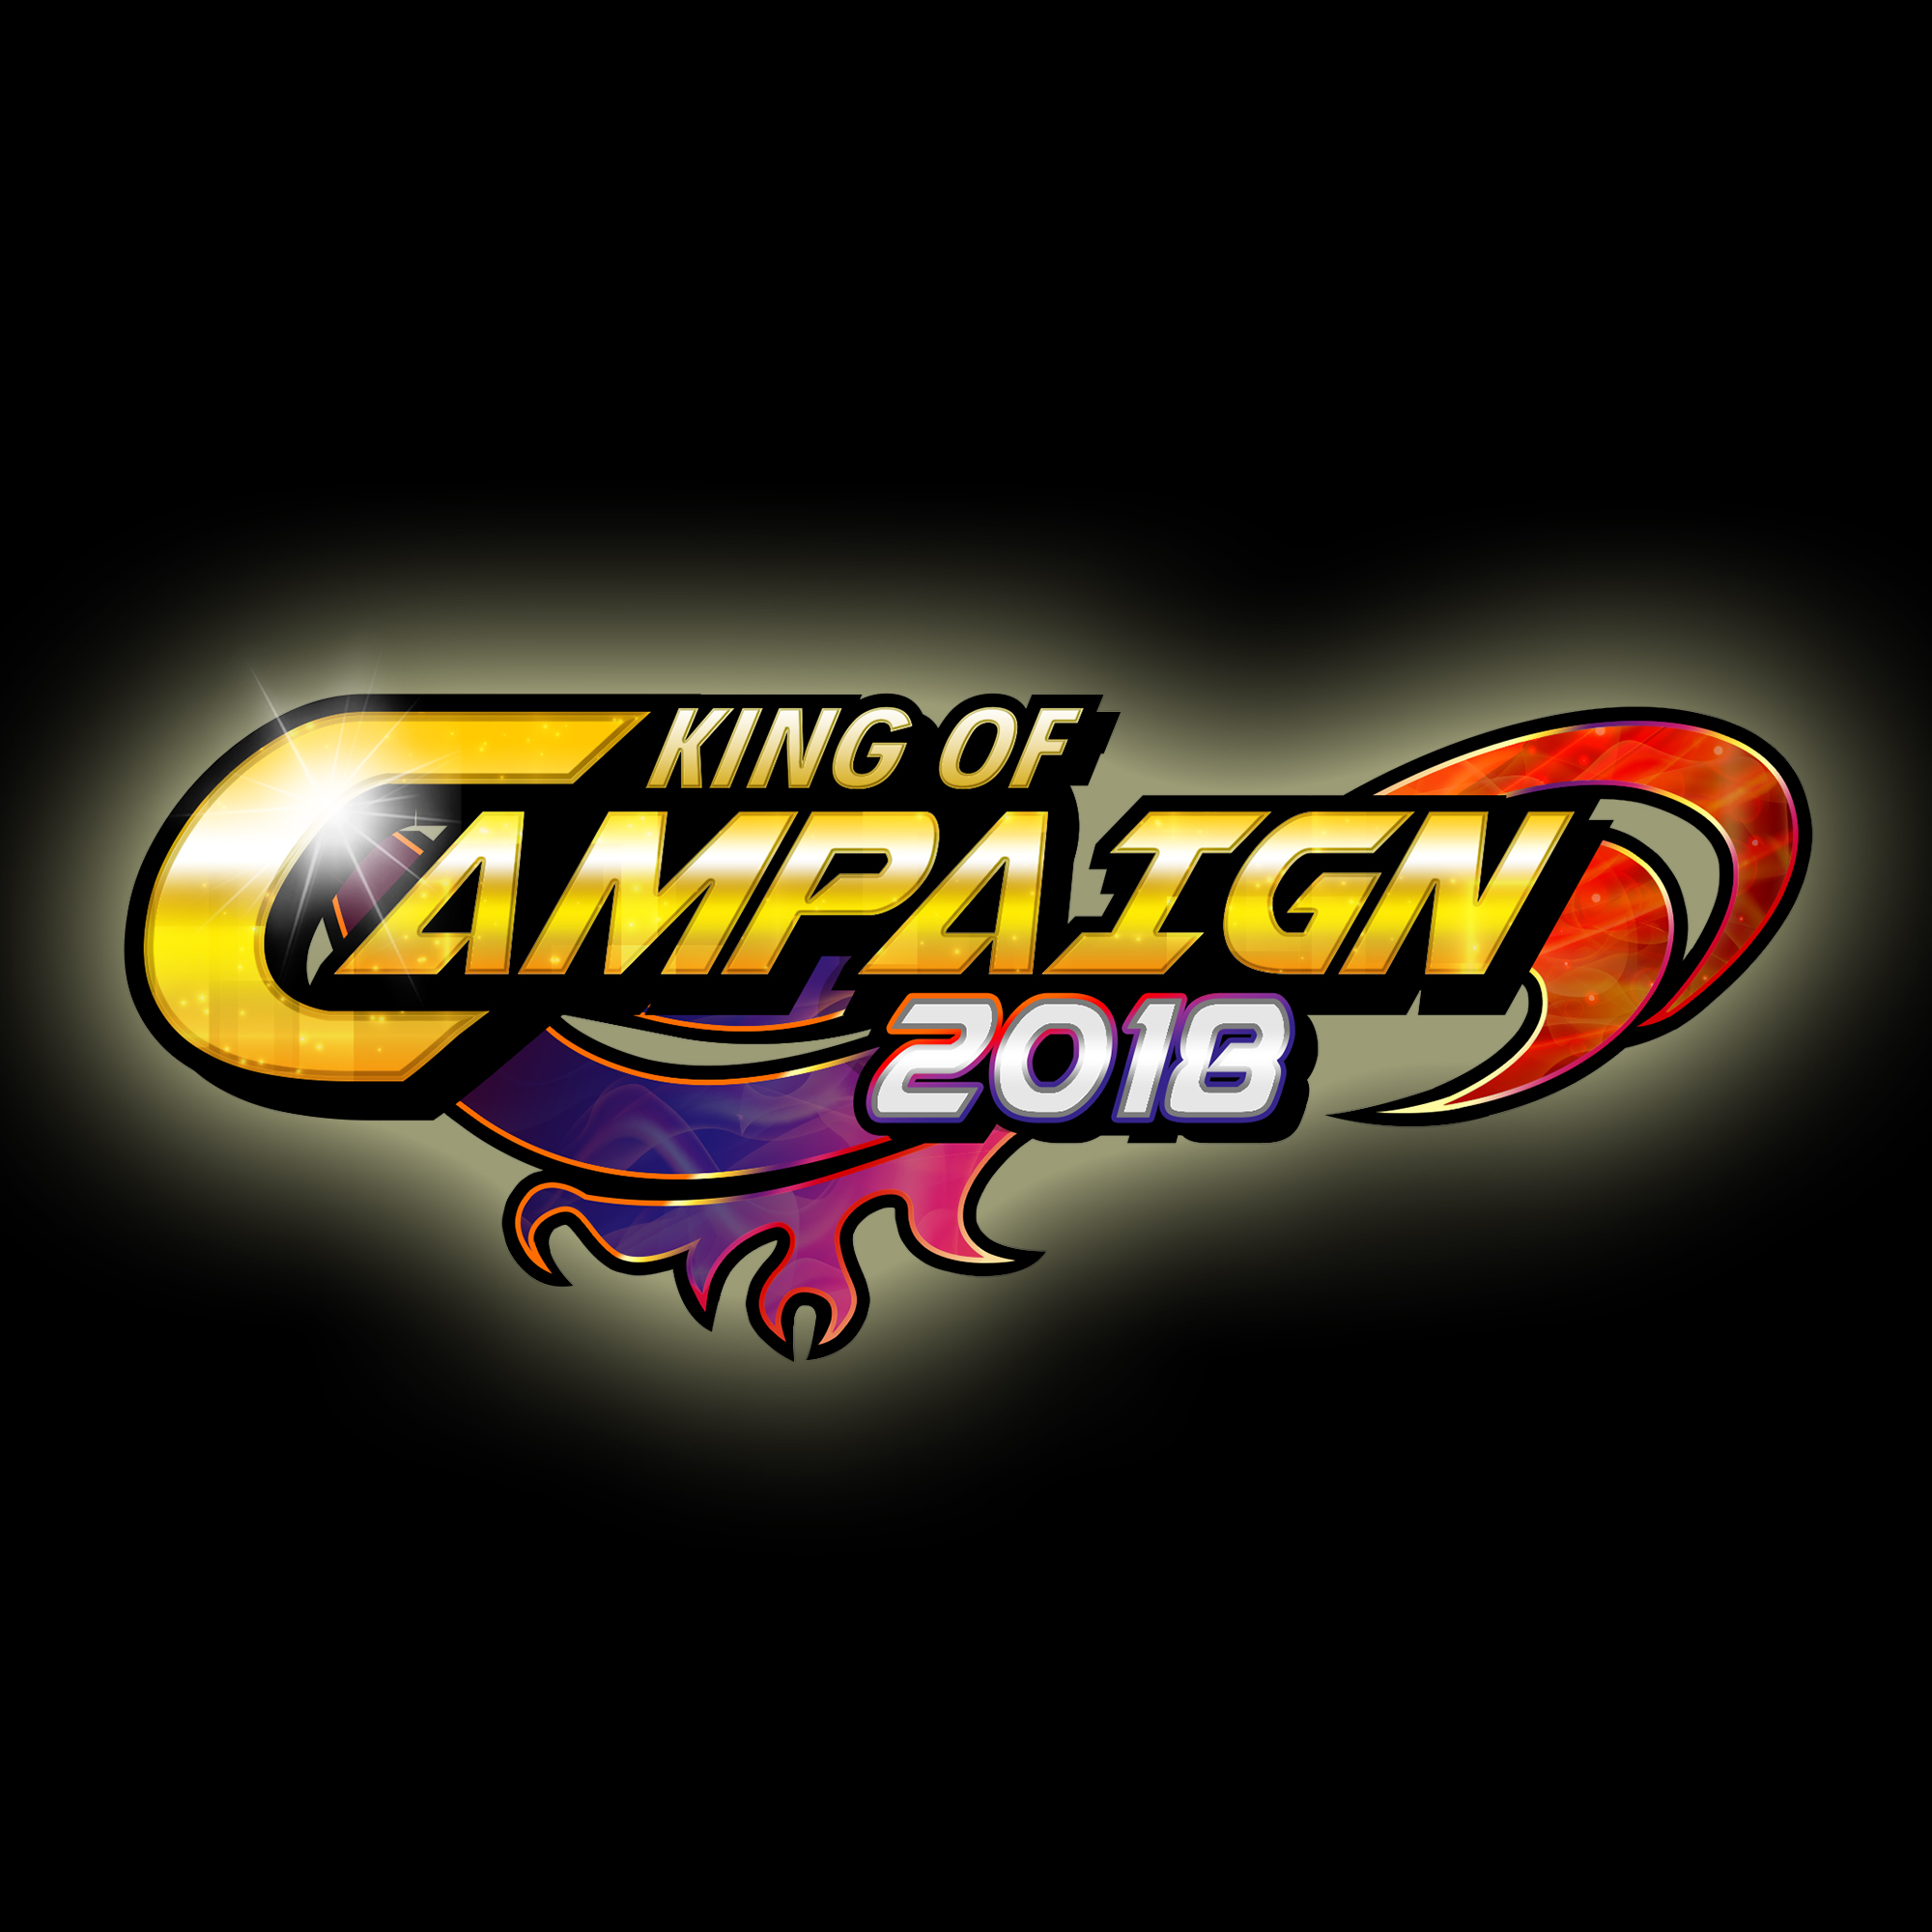 KOF キャンペーンタイトルロゴ